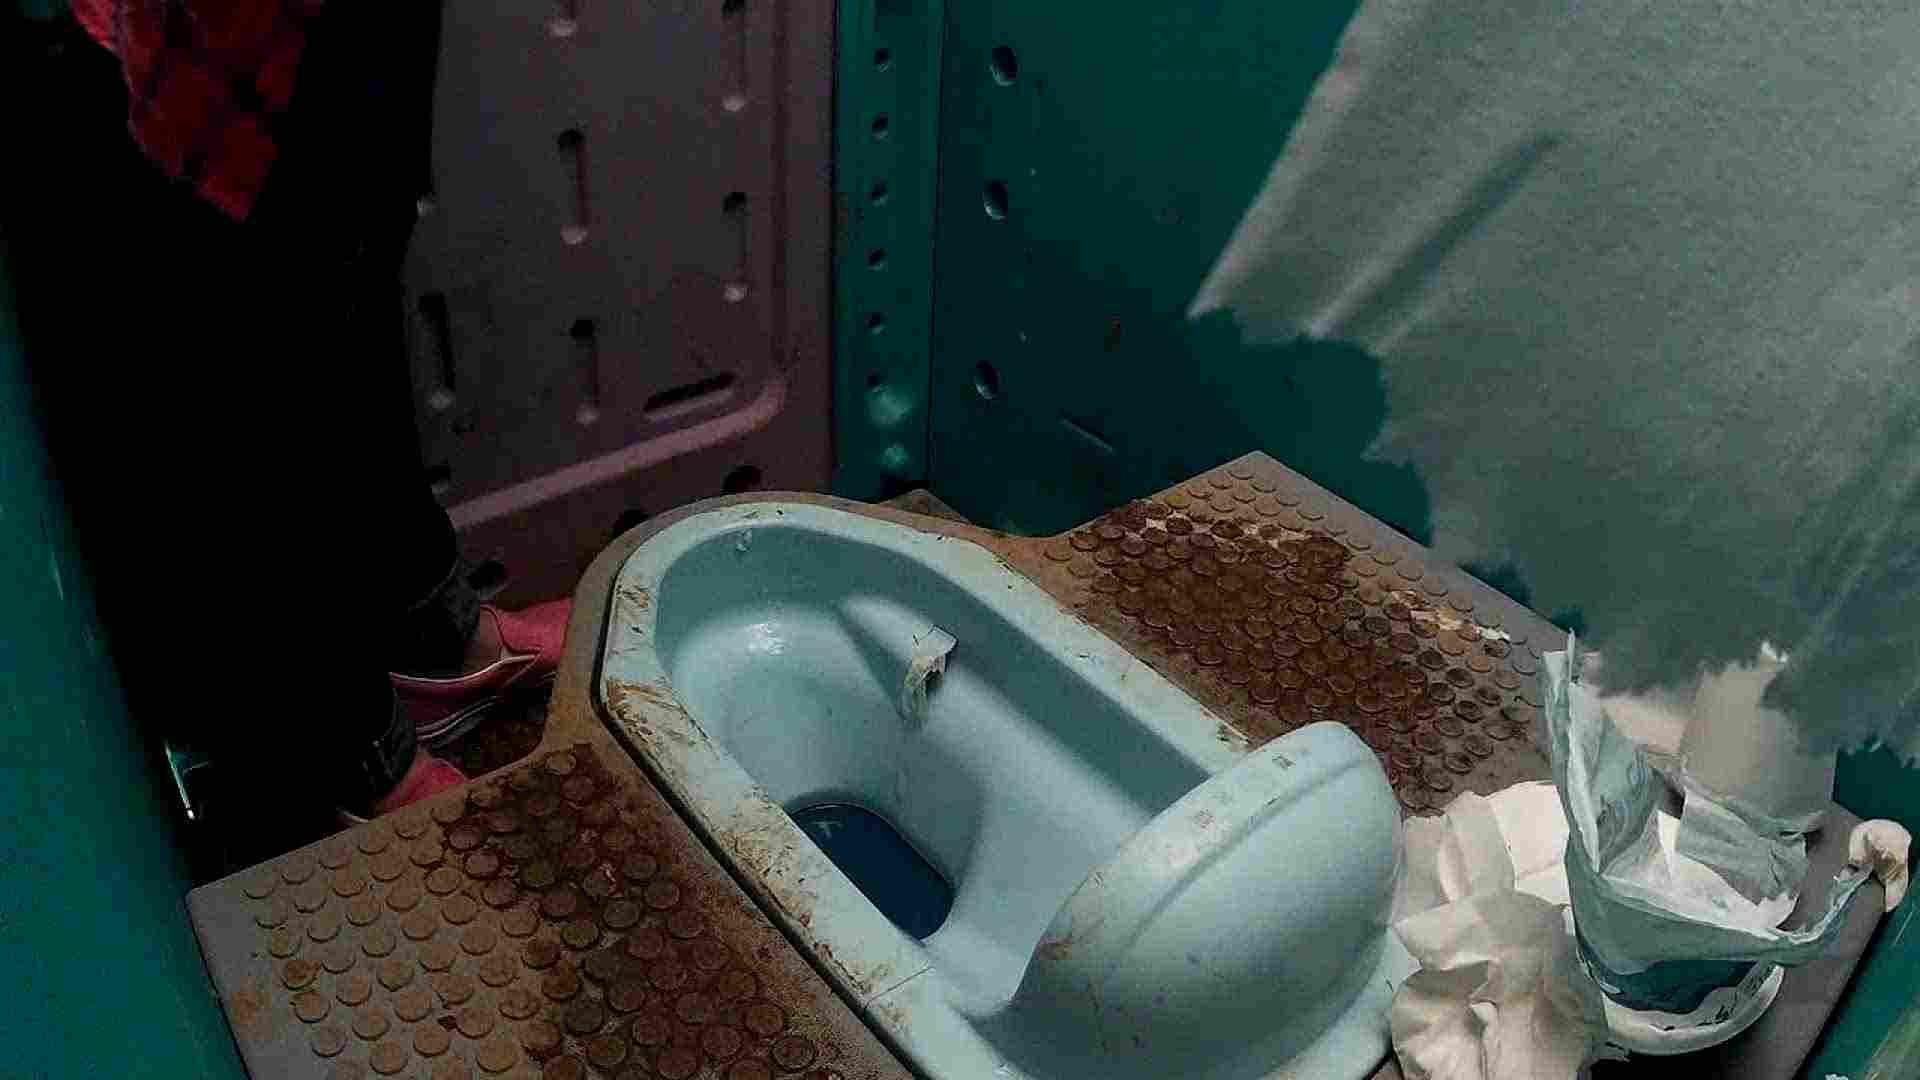 痴態洗面所 Vol.07 んーっ設置のむずかしさ、また「紙」様が・・・ 洗面所着替え | OL  86連発 85